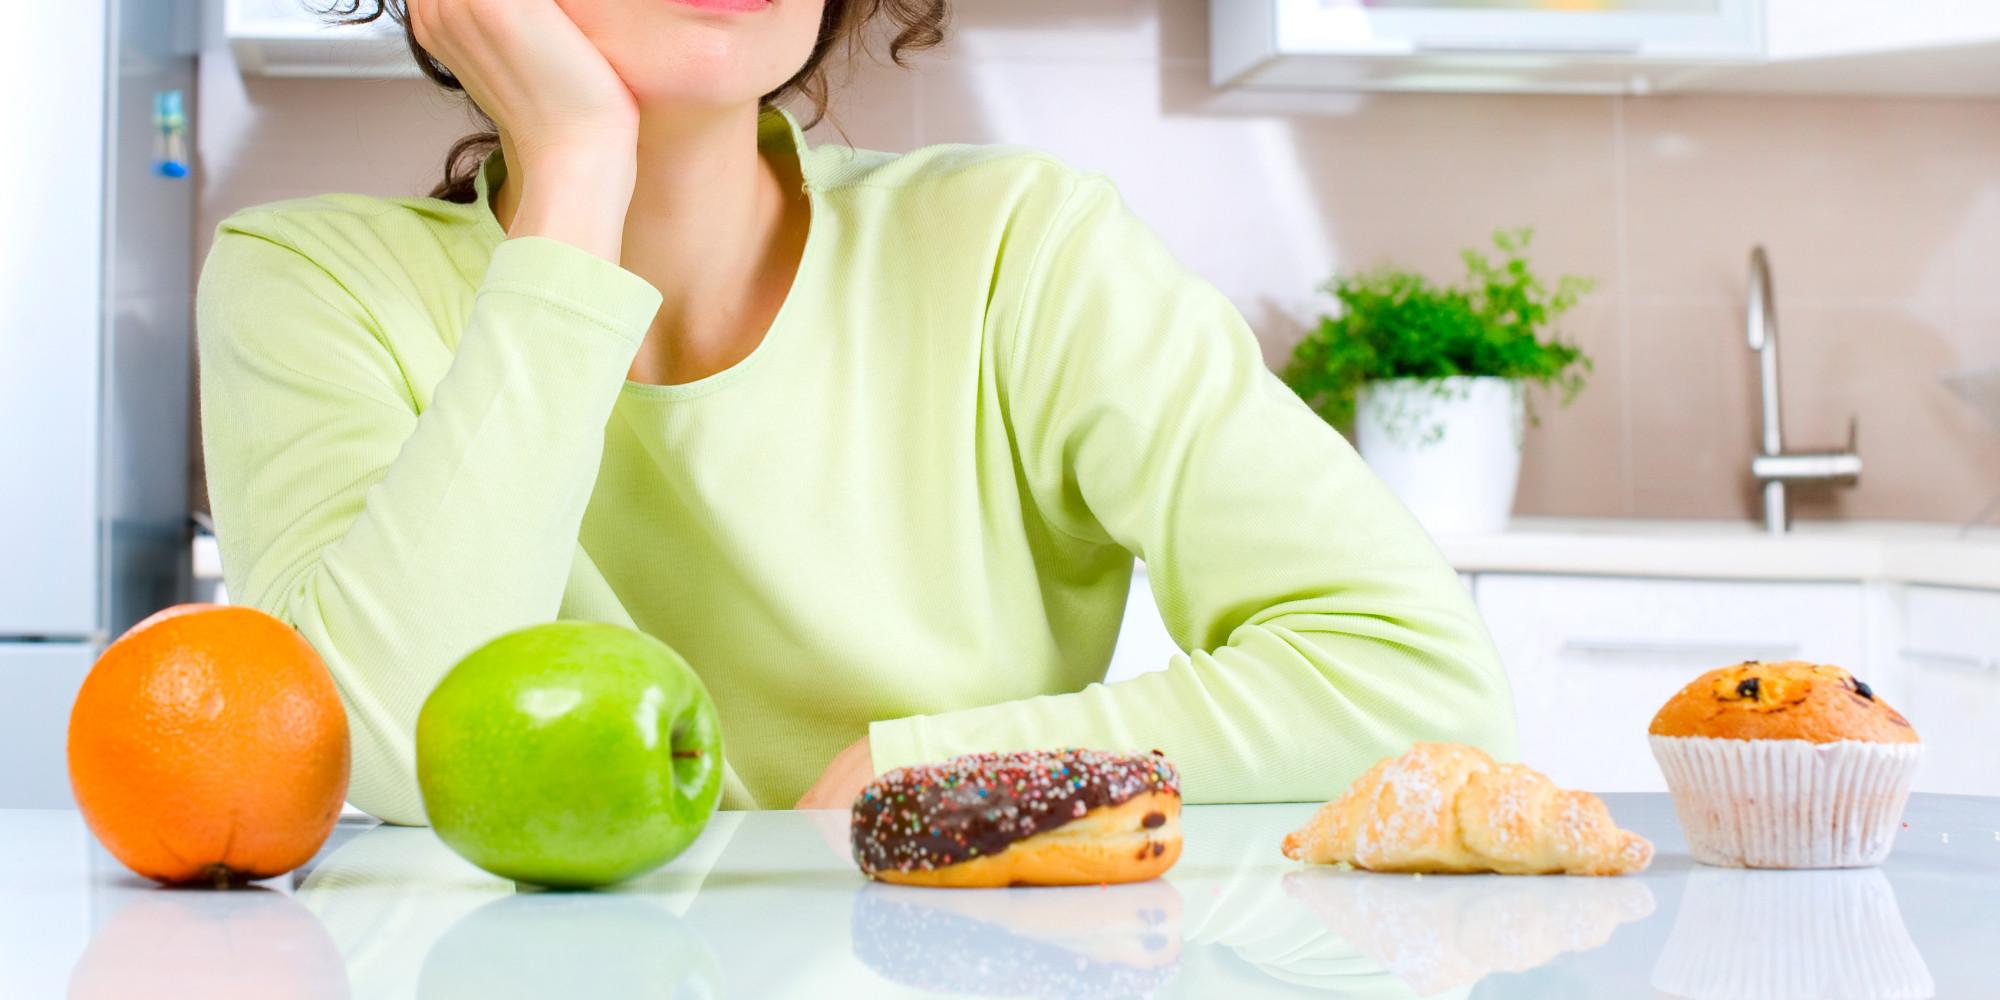 питание по диете 4